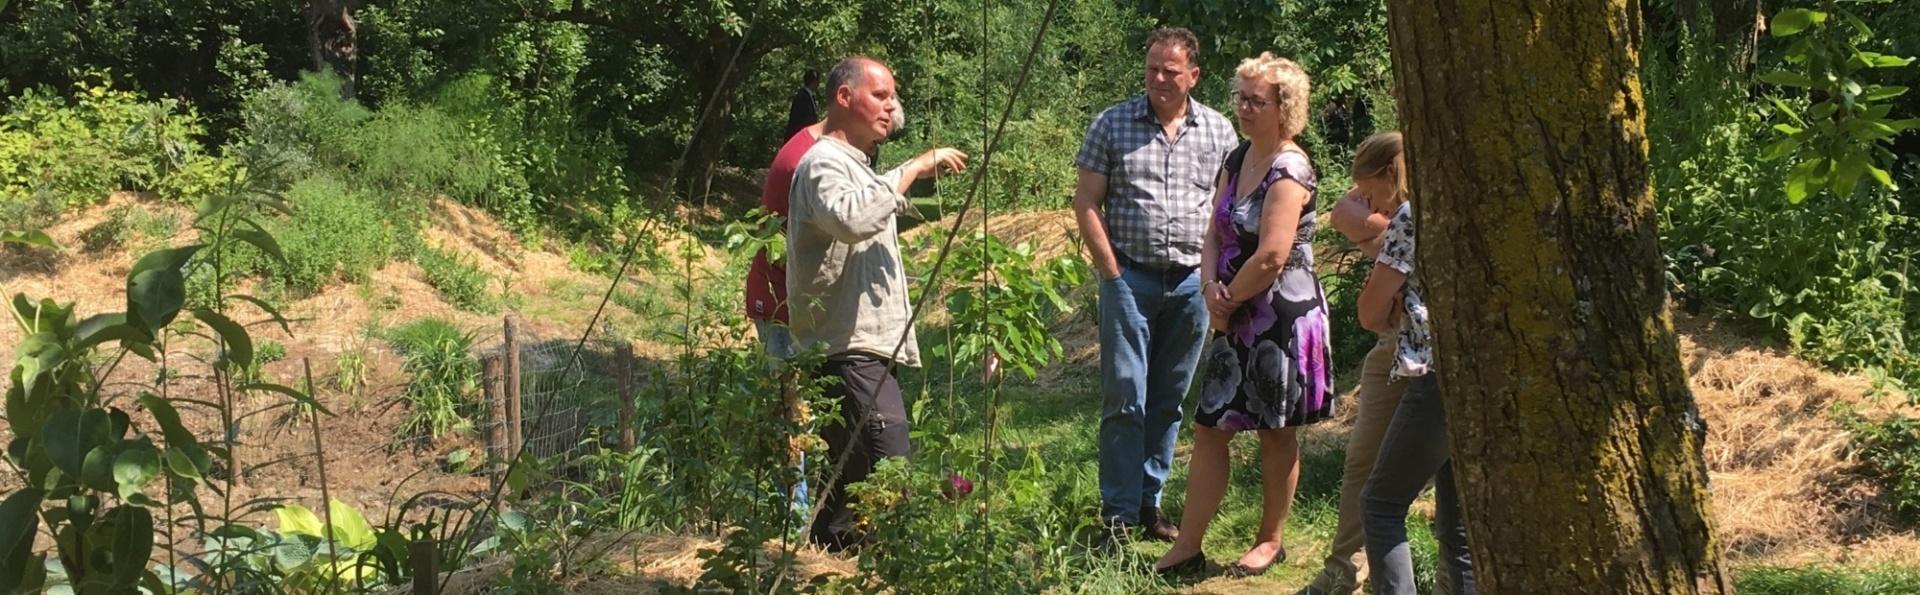 Voedselbron Graauw rondleidingen voedselbos